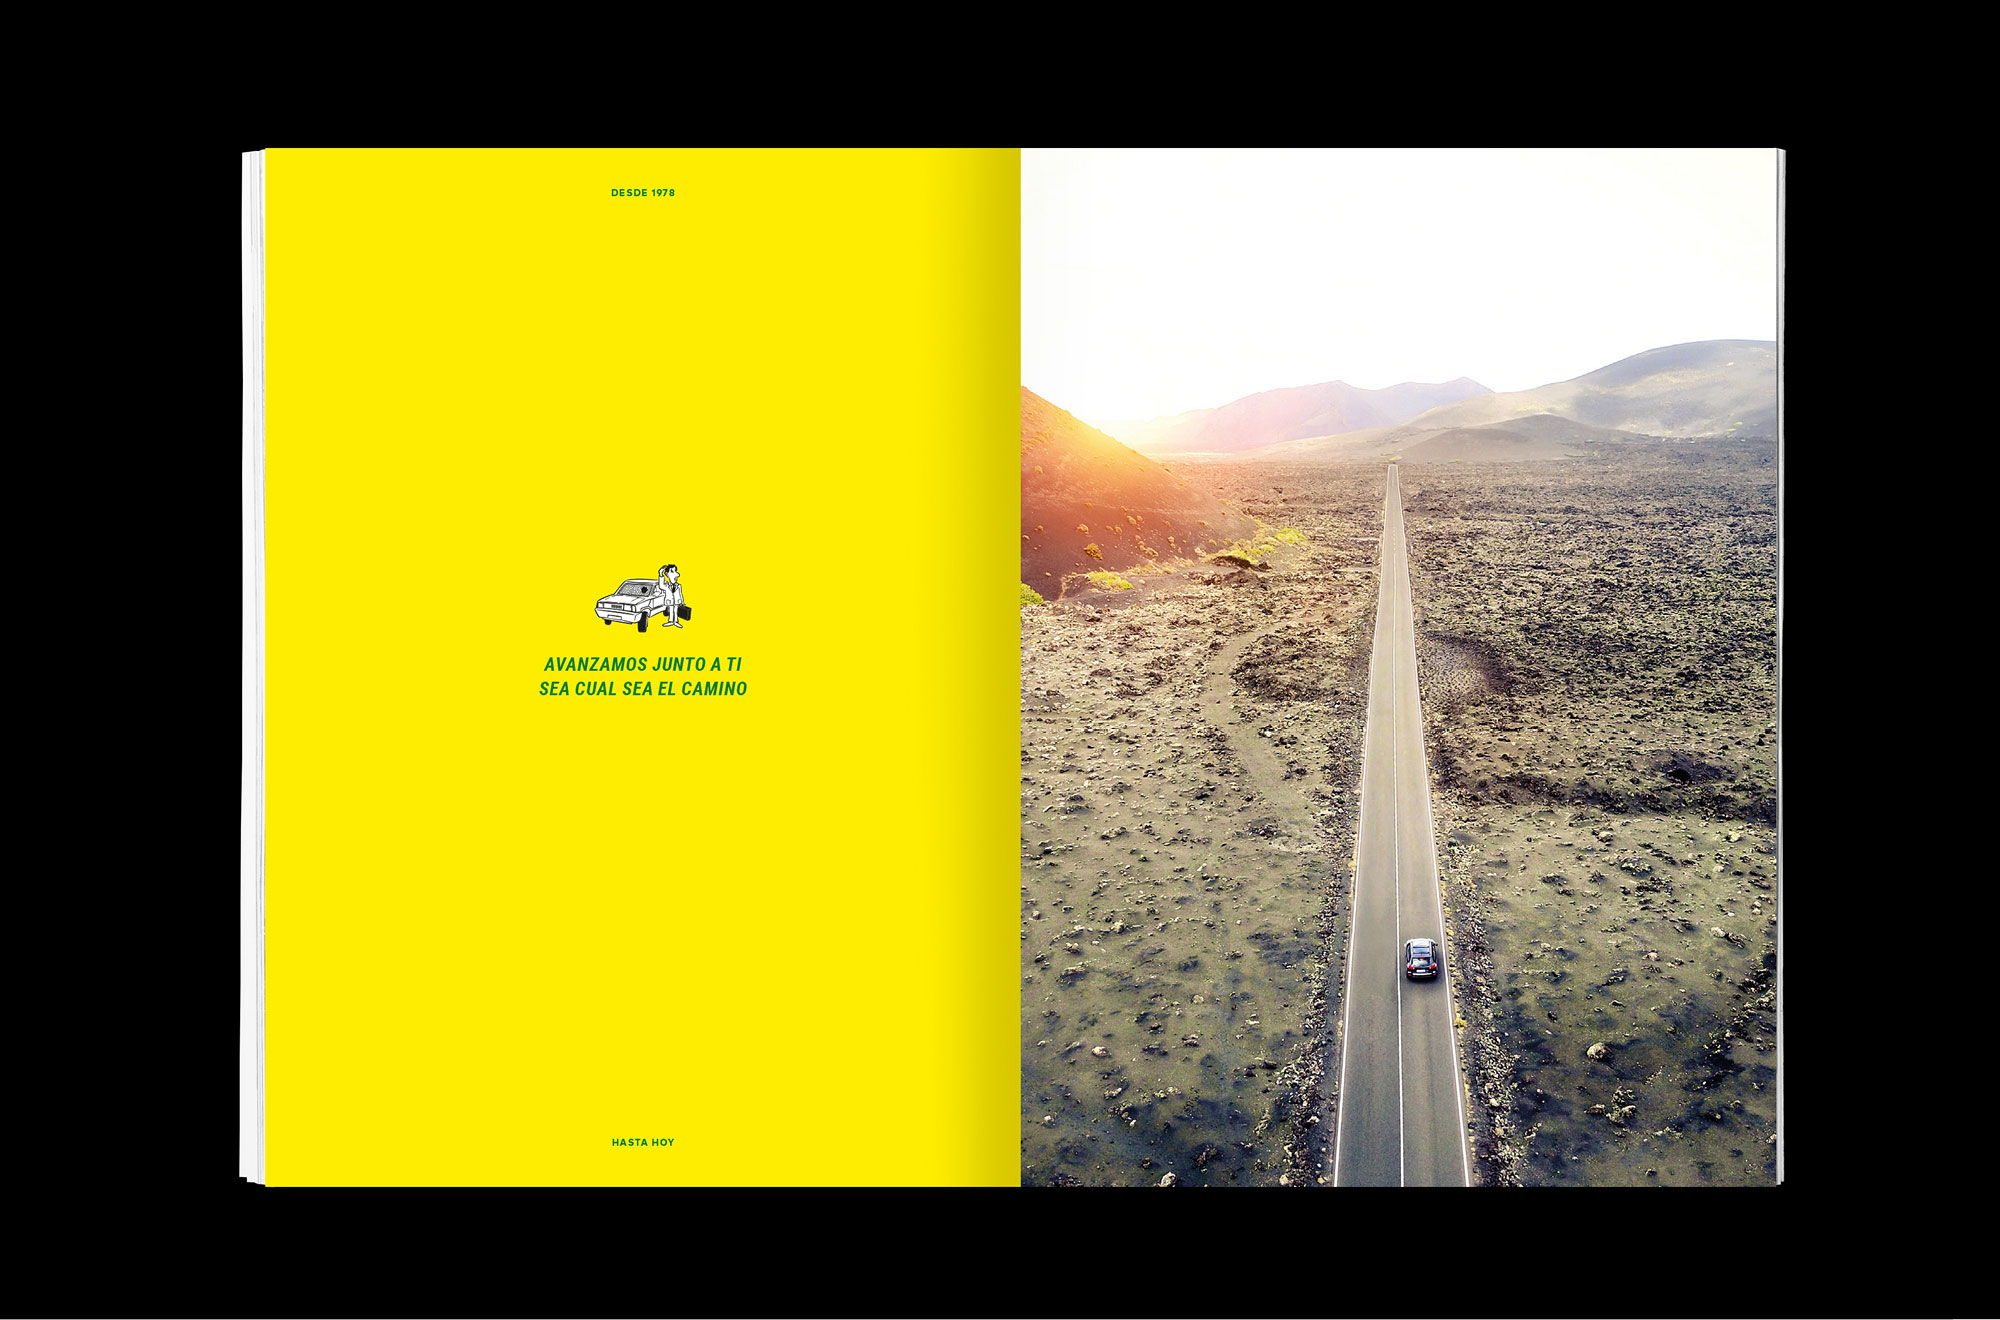 ralarsa-diseñografico-agencia-barcelona-2